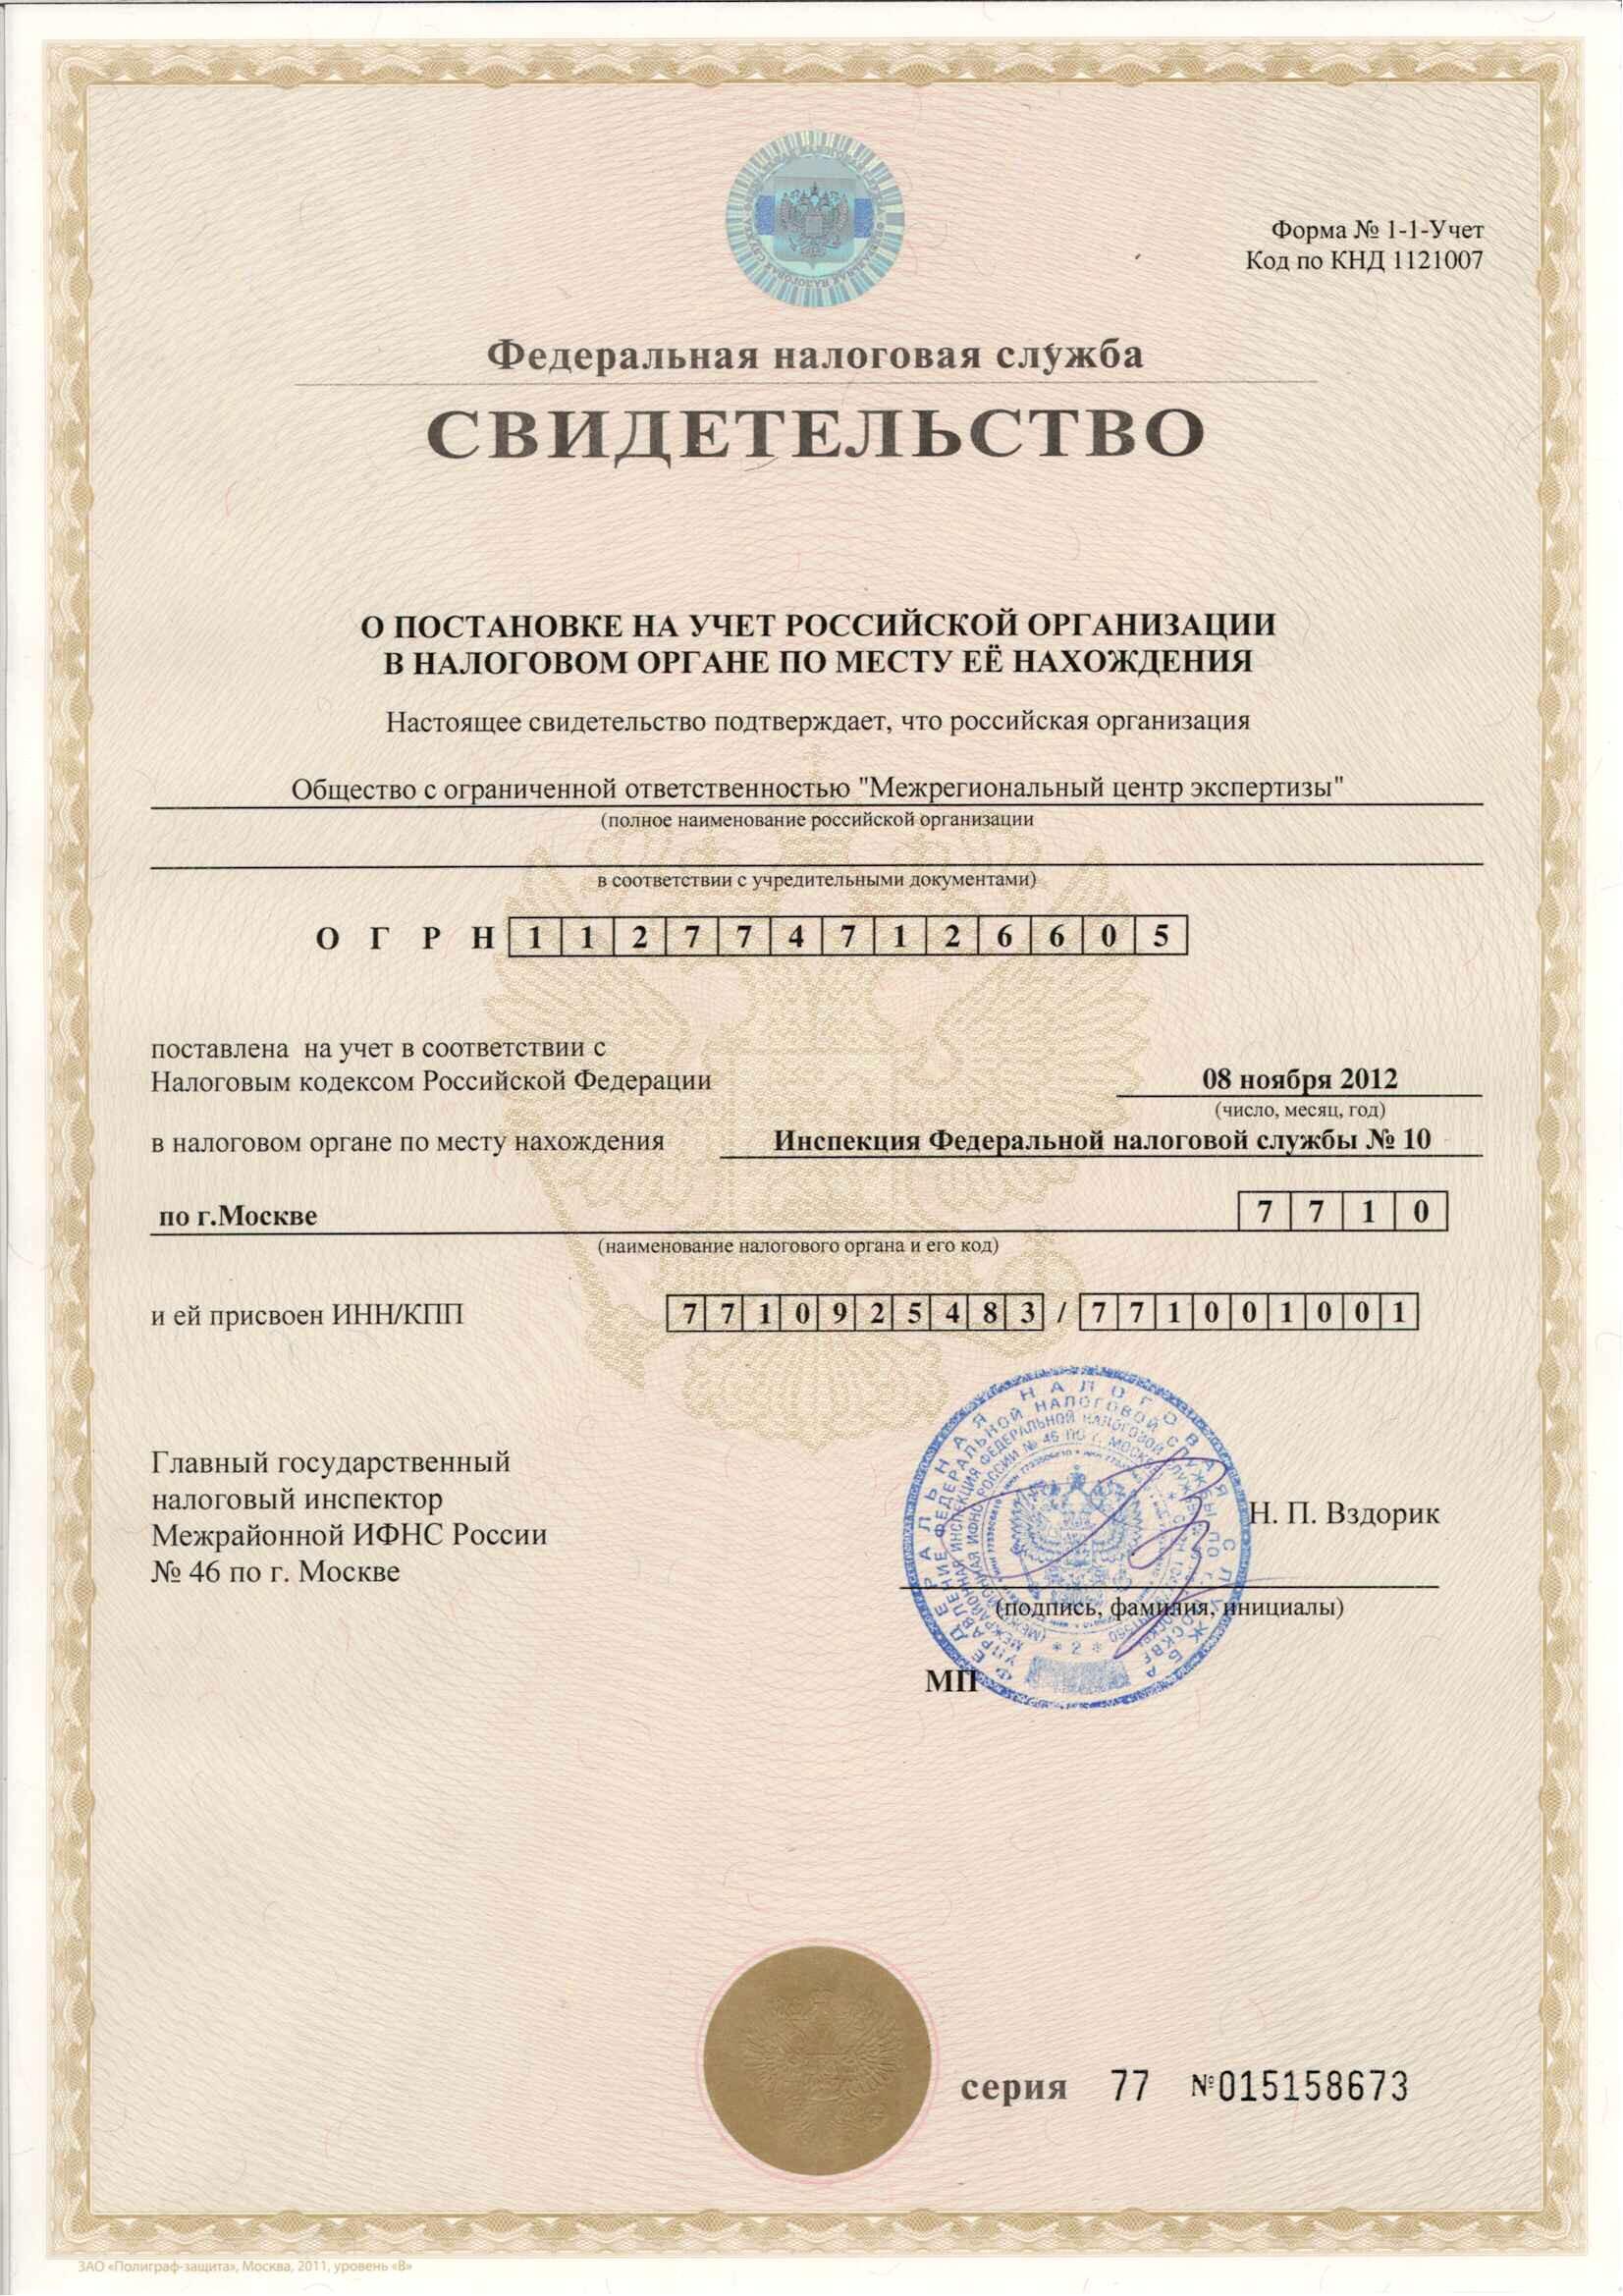 организация в новосибирске м-строй номера организации работа